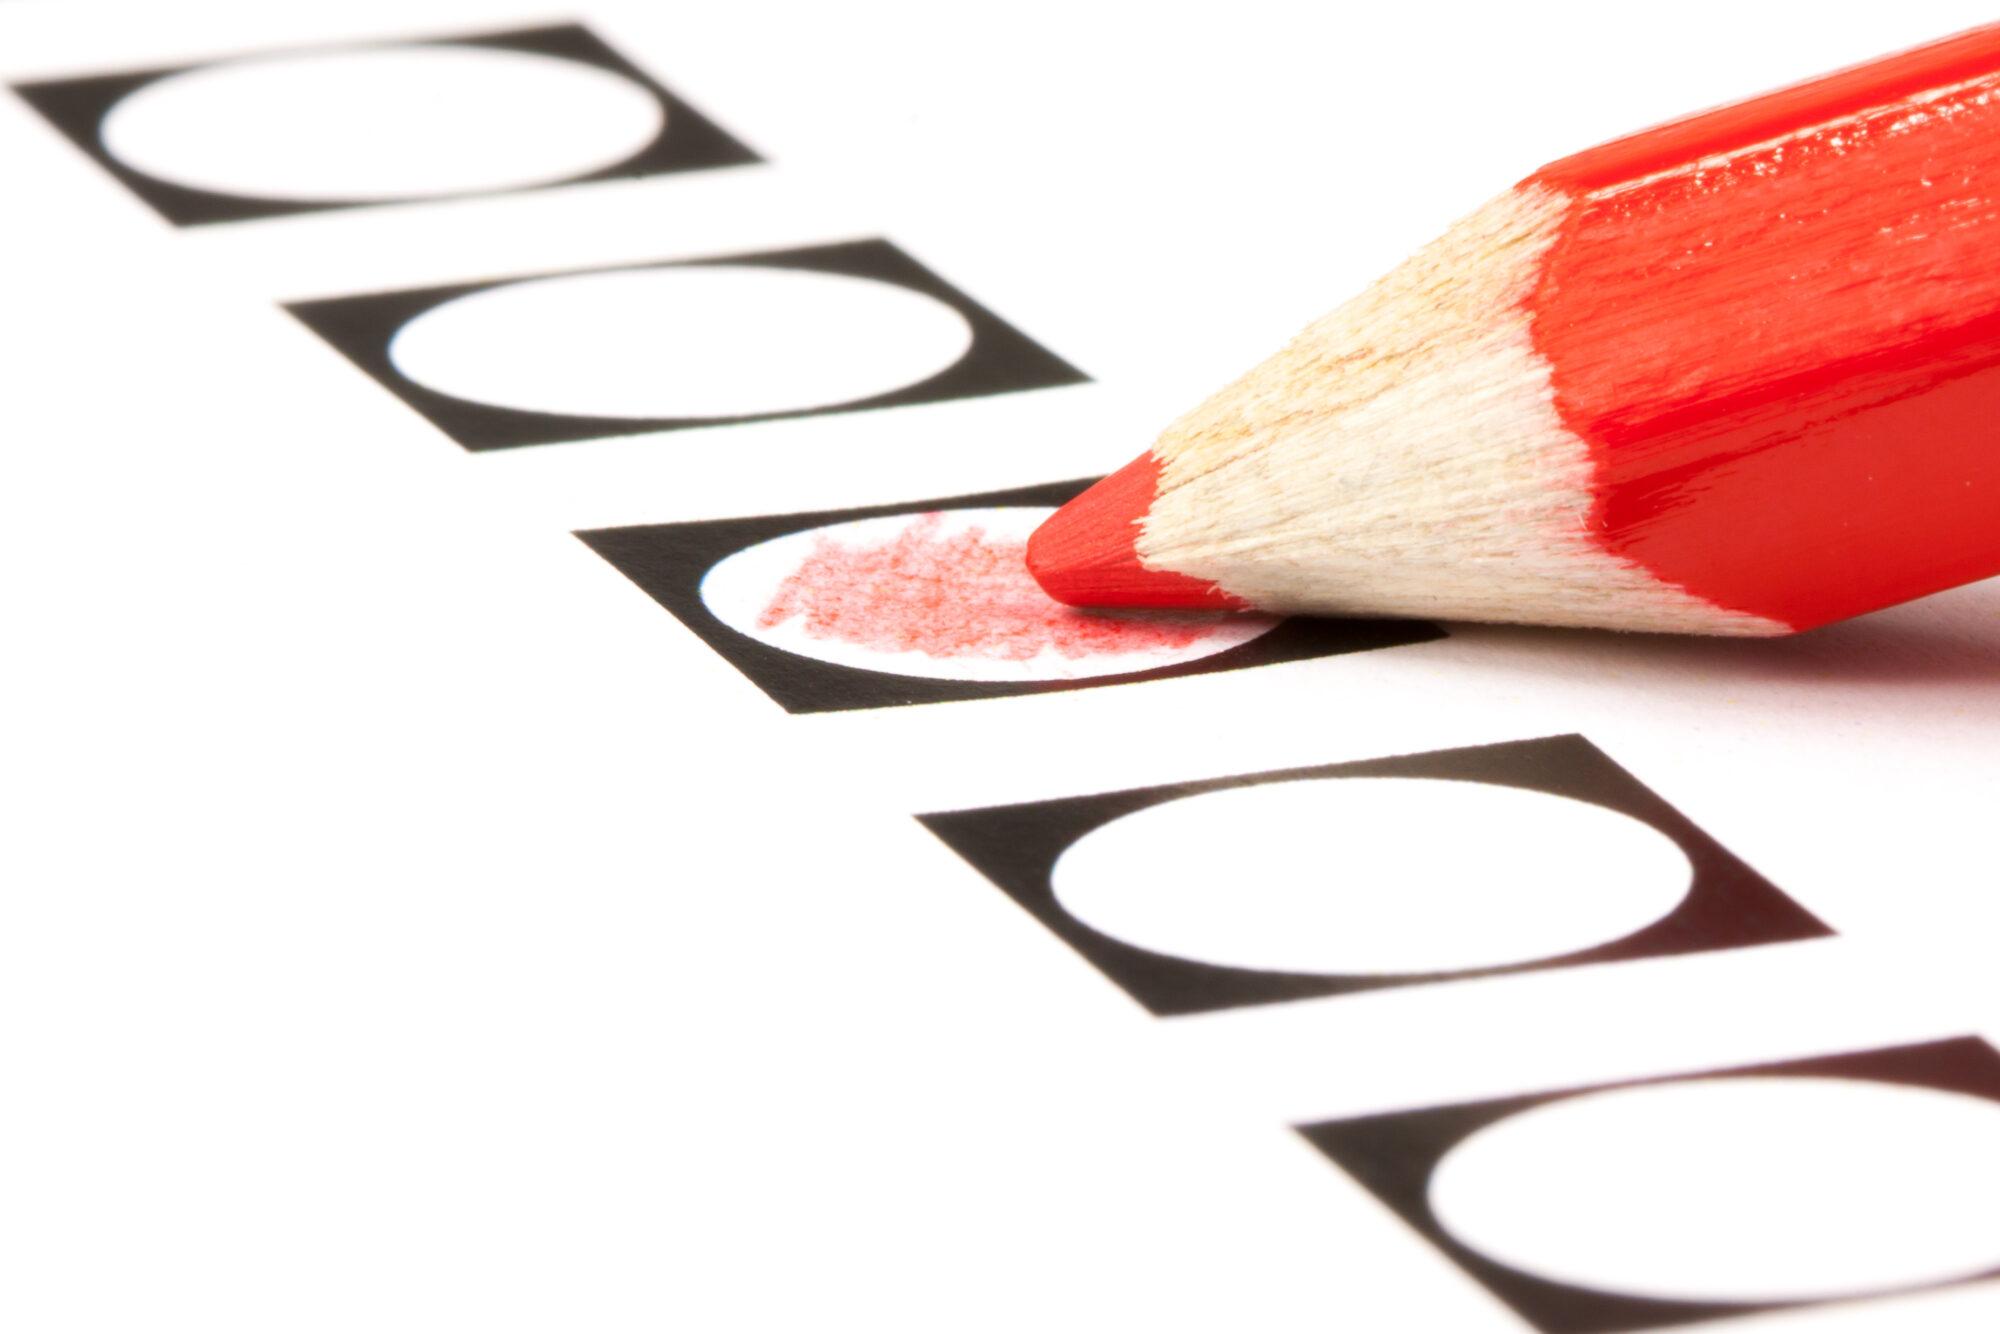 Kiezen in stembureau op wielen